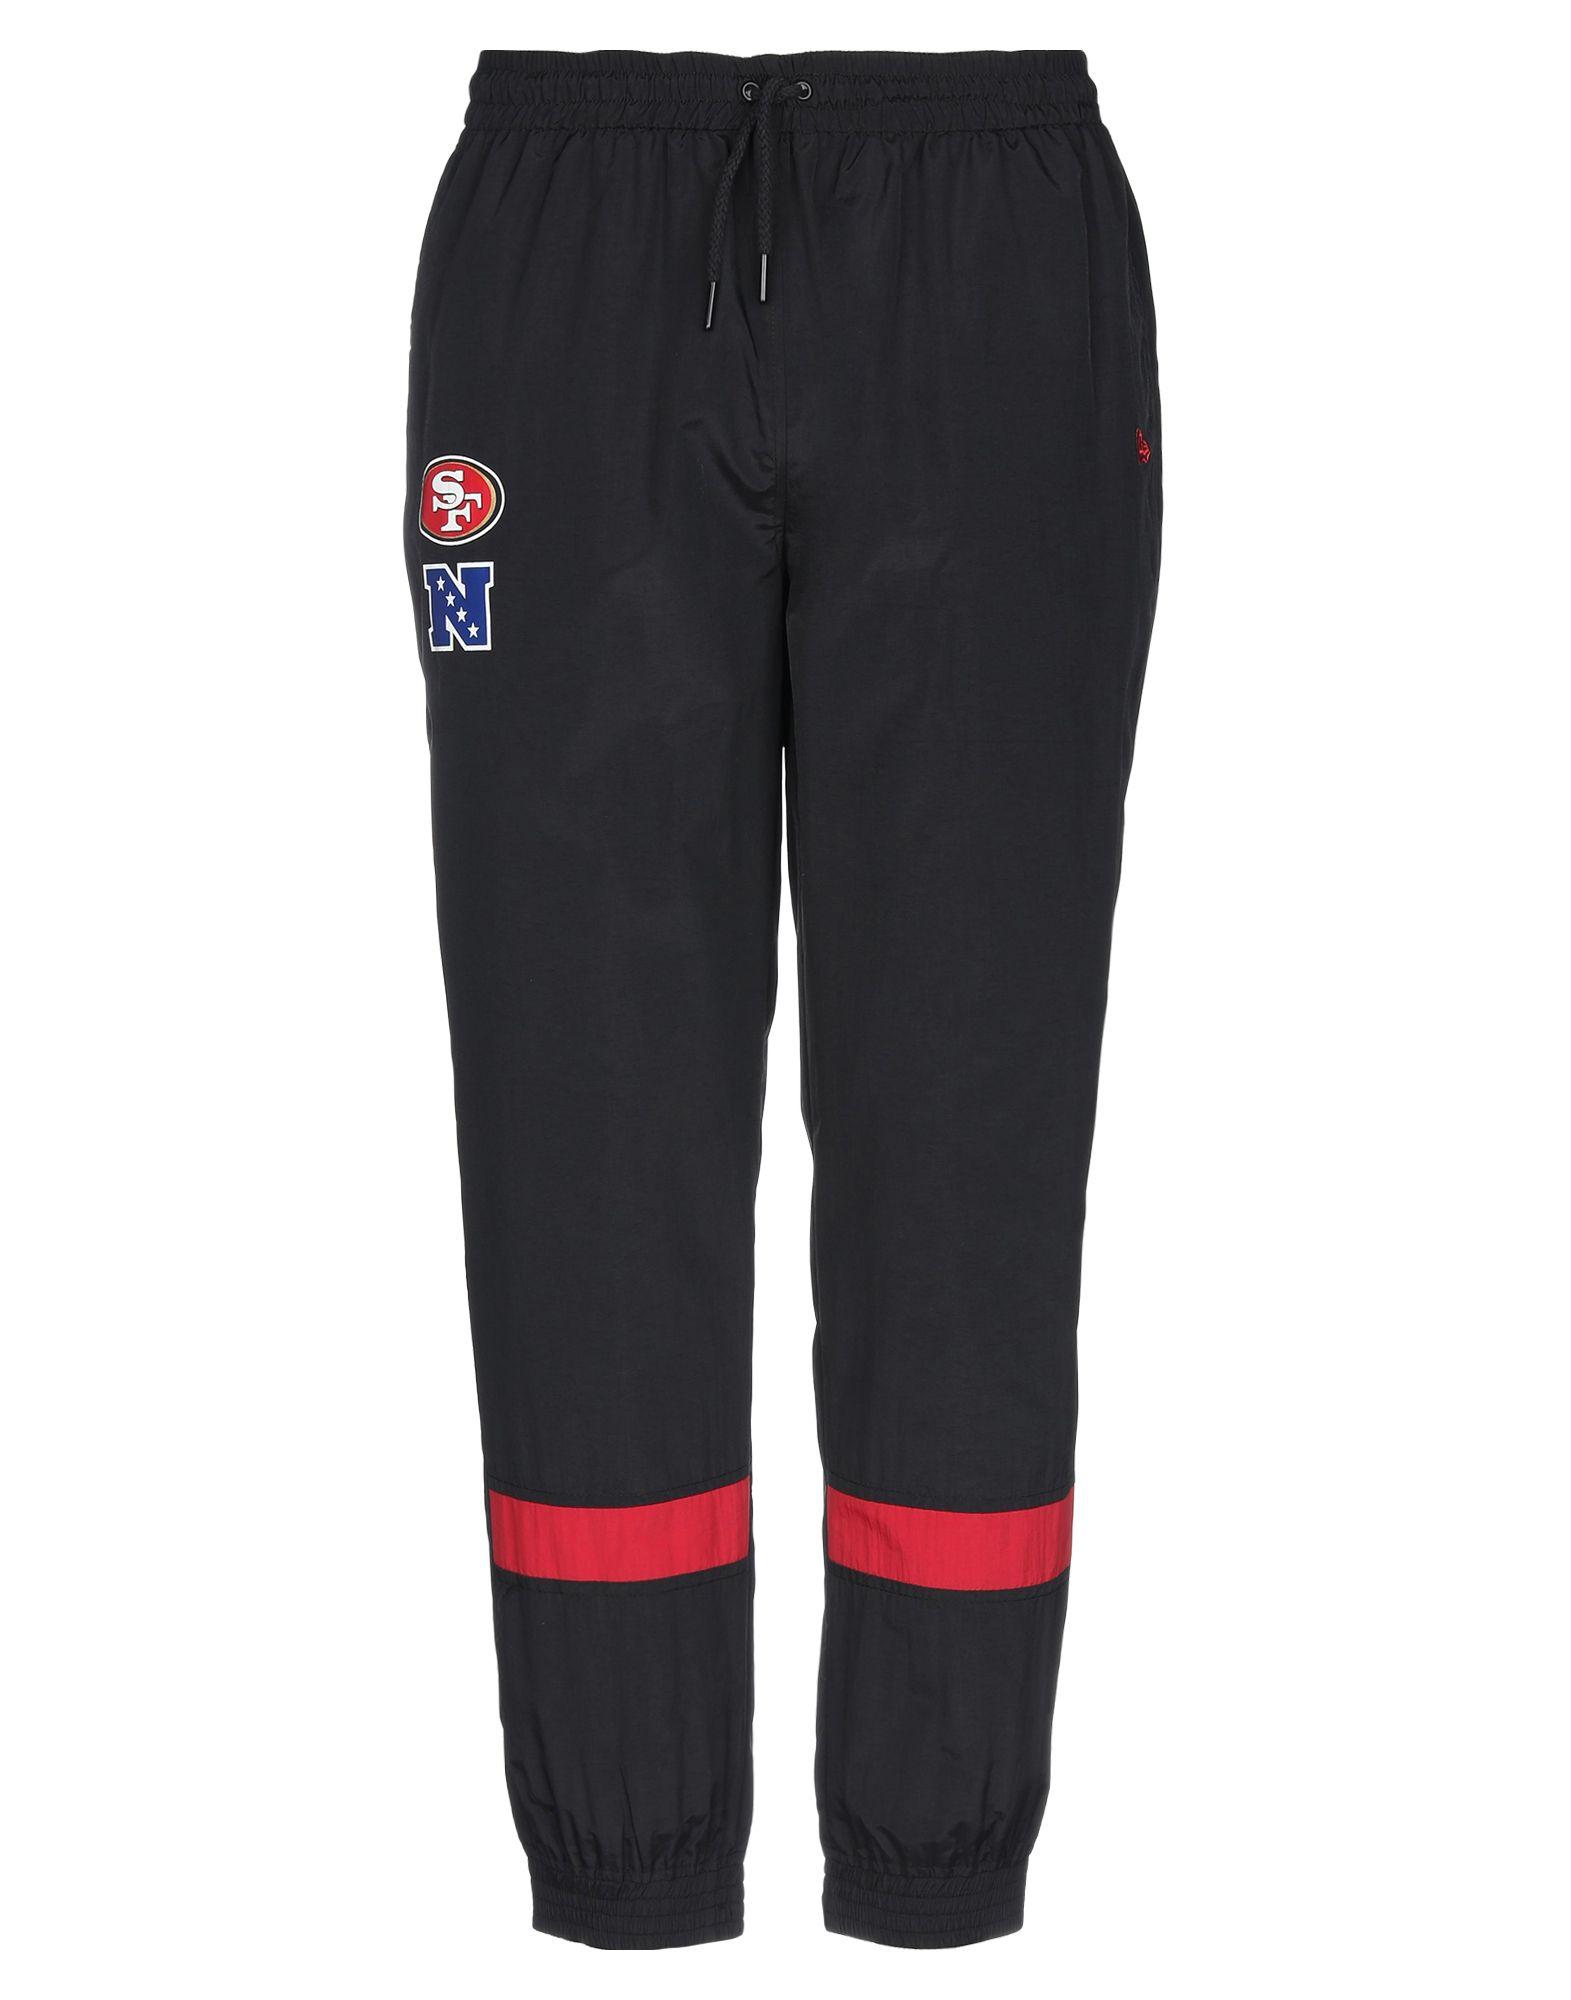 《期間限定 セール開催中》NEW ERA メンズ パンツ ブラック XS ポリエステル 100%